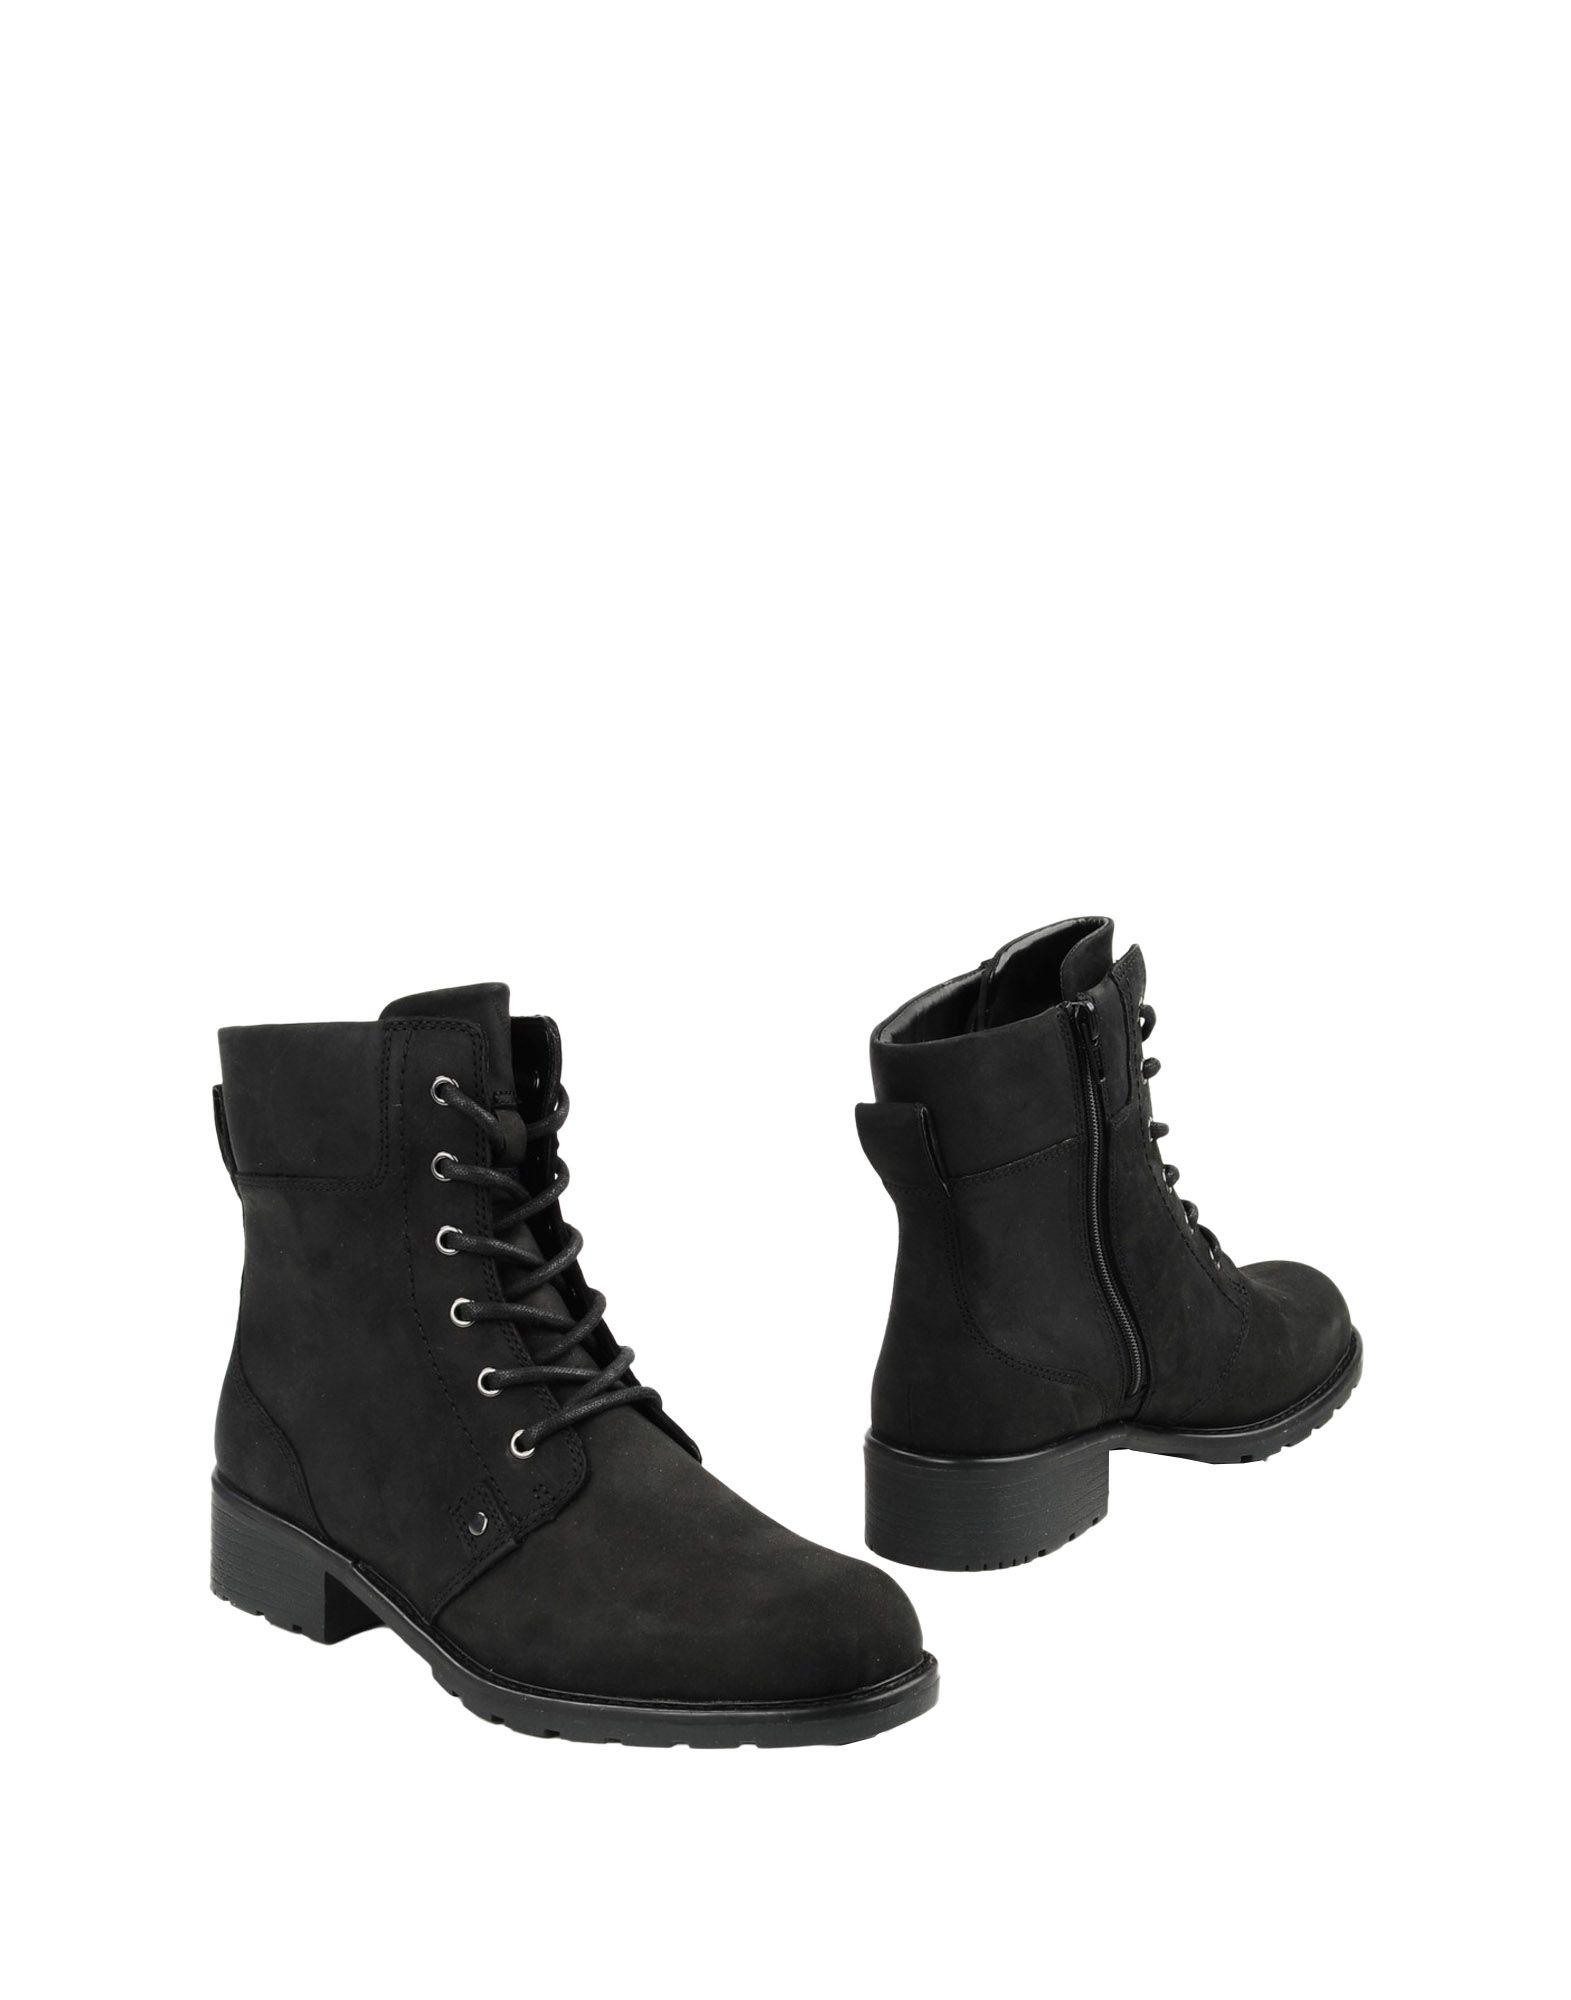 CLARKS Полусапоги и высокие ботинки clarks полусапоги и высокие ботинки